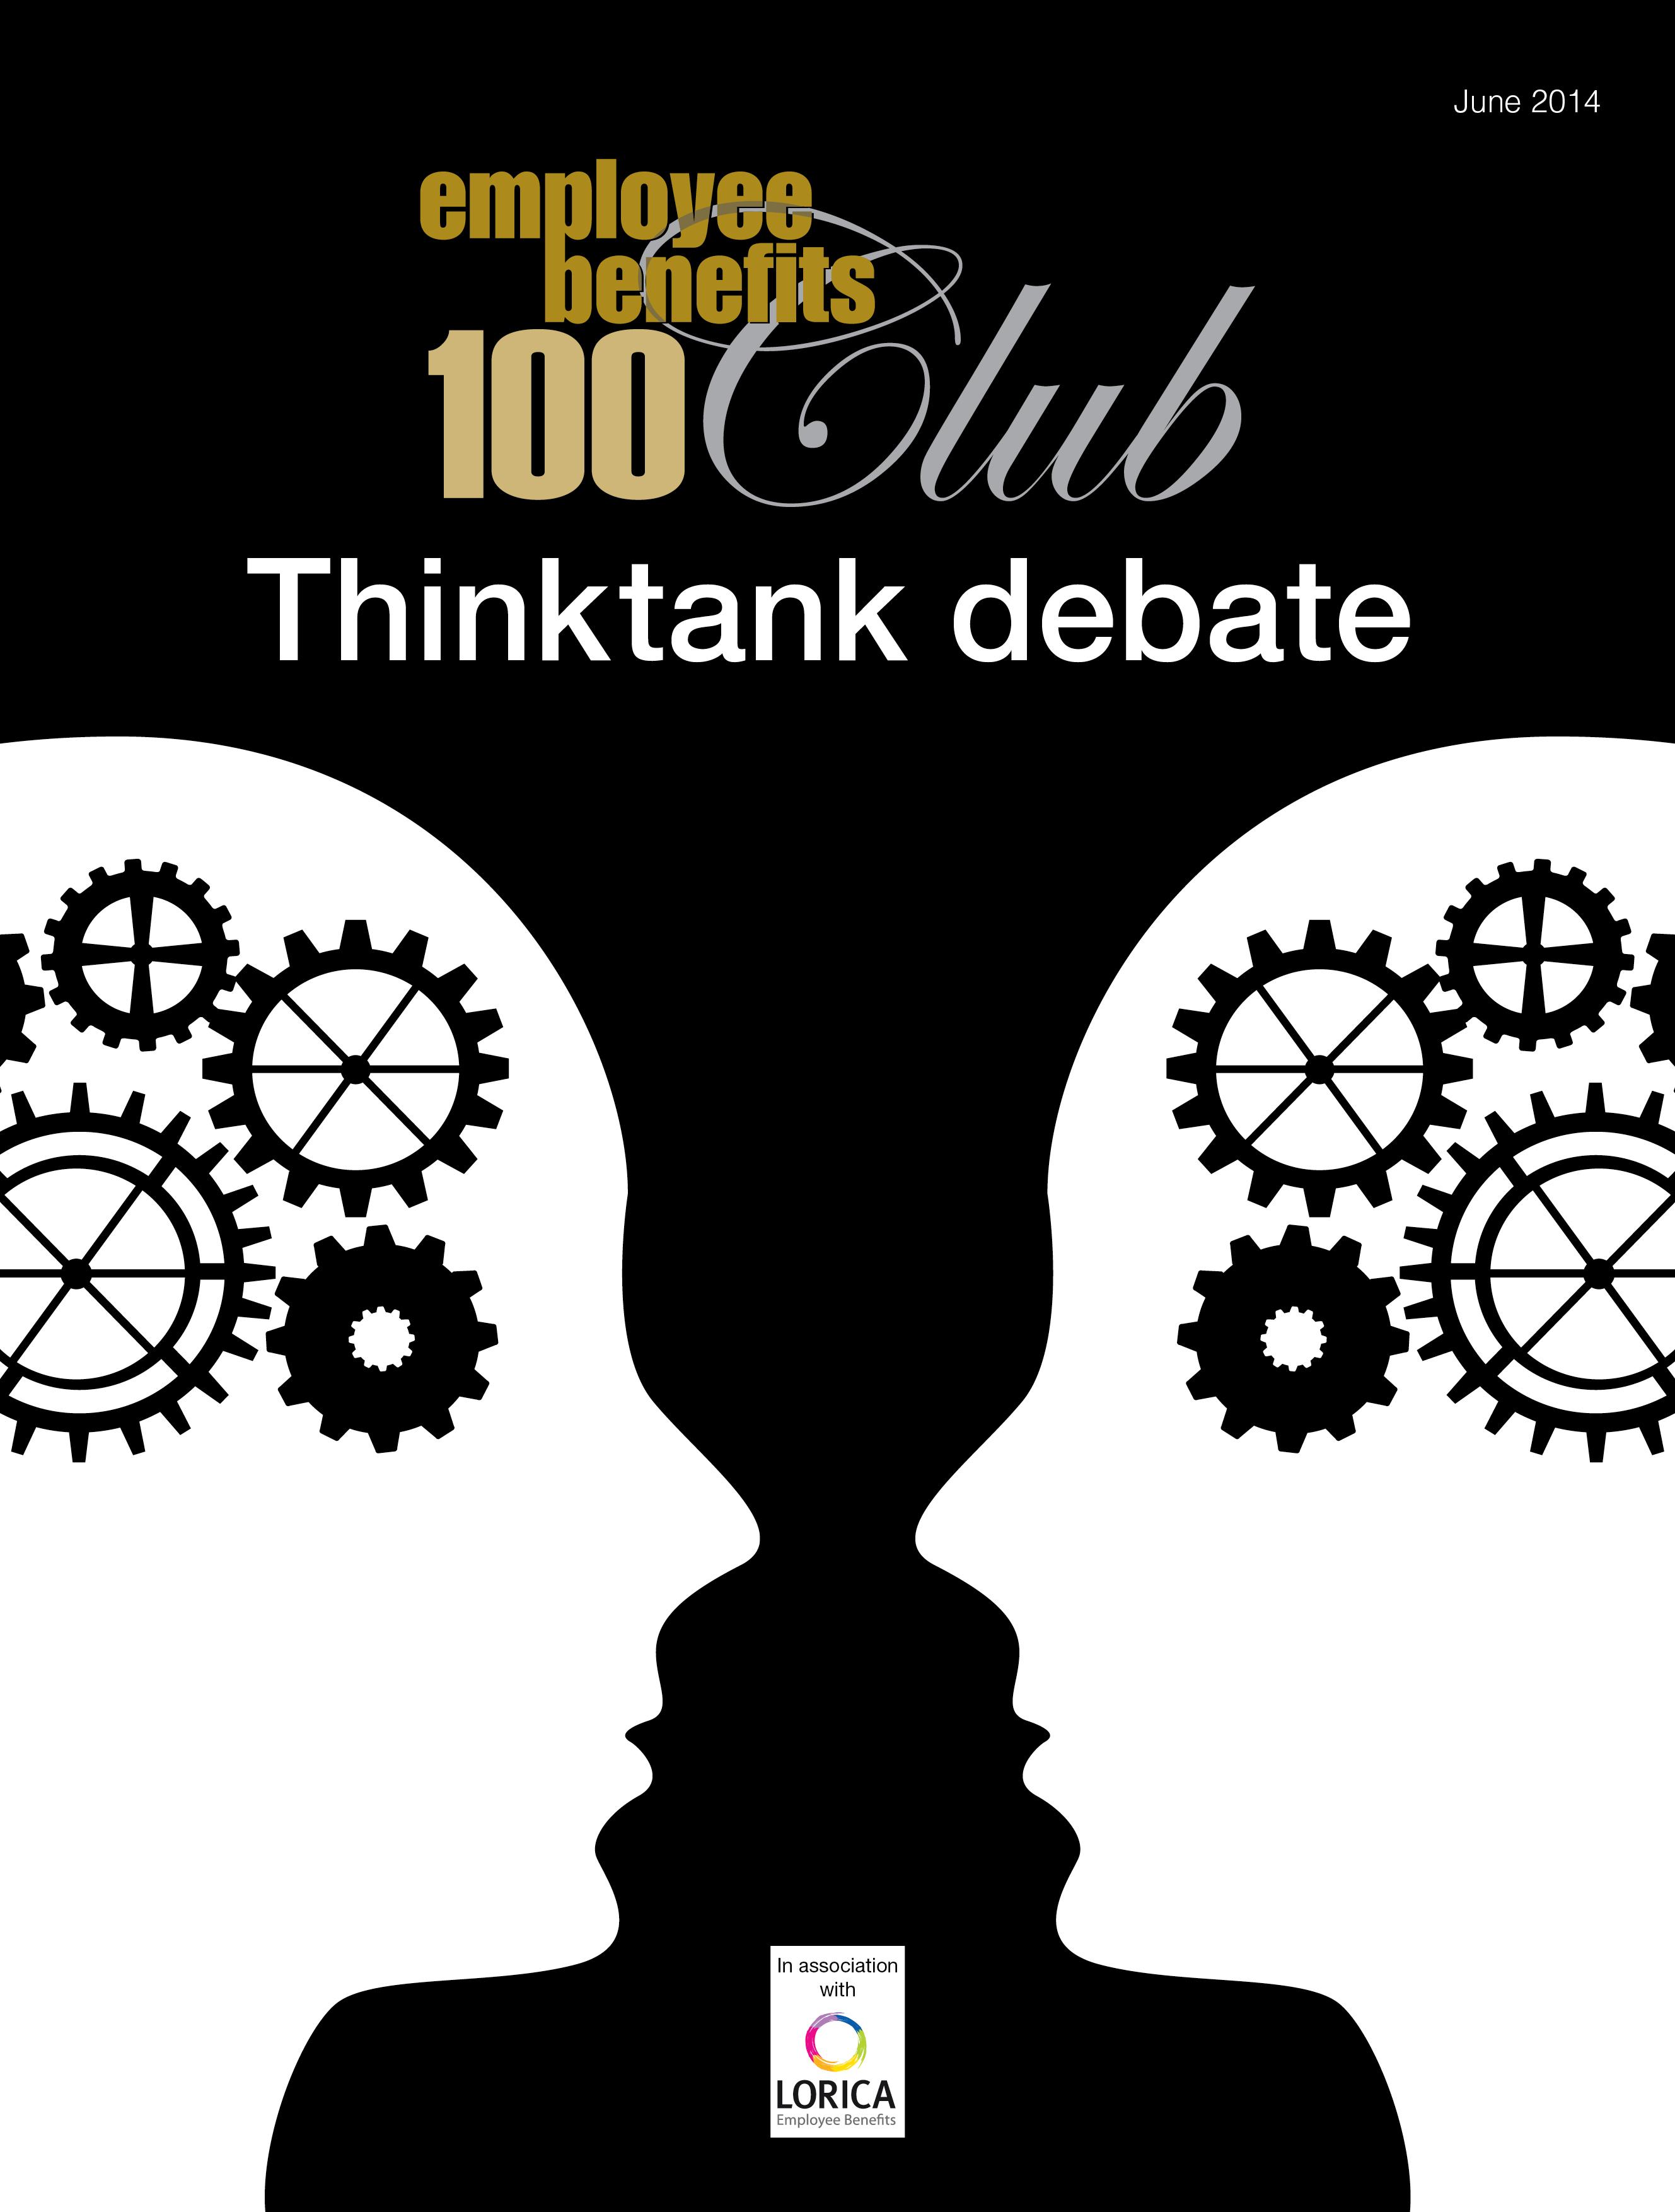 Hot100Club-ThinktankDebate-2014.jpg